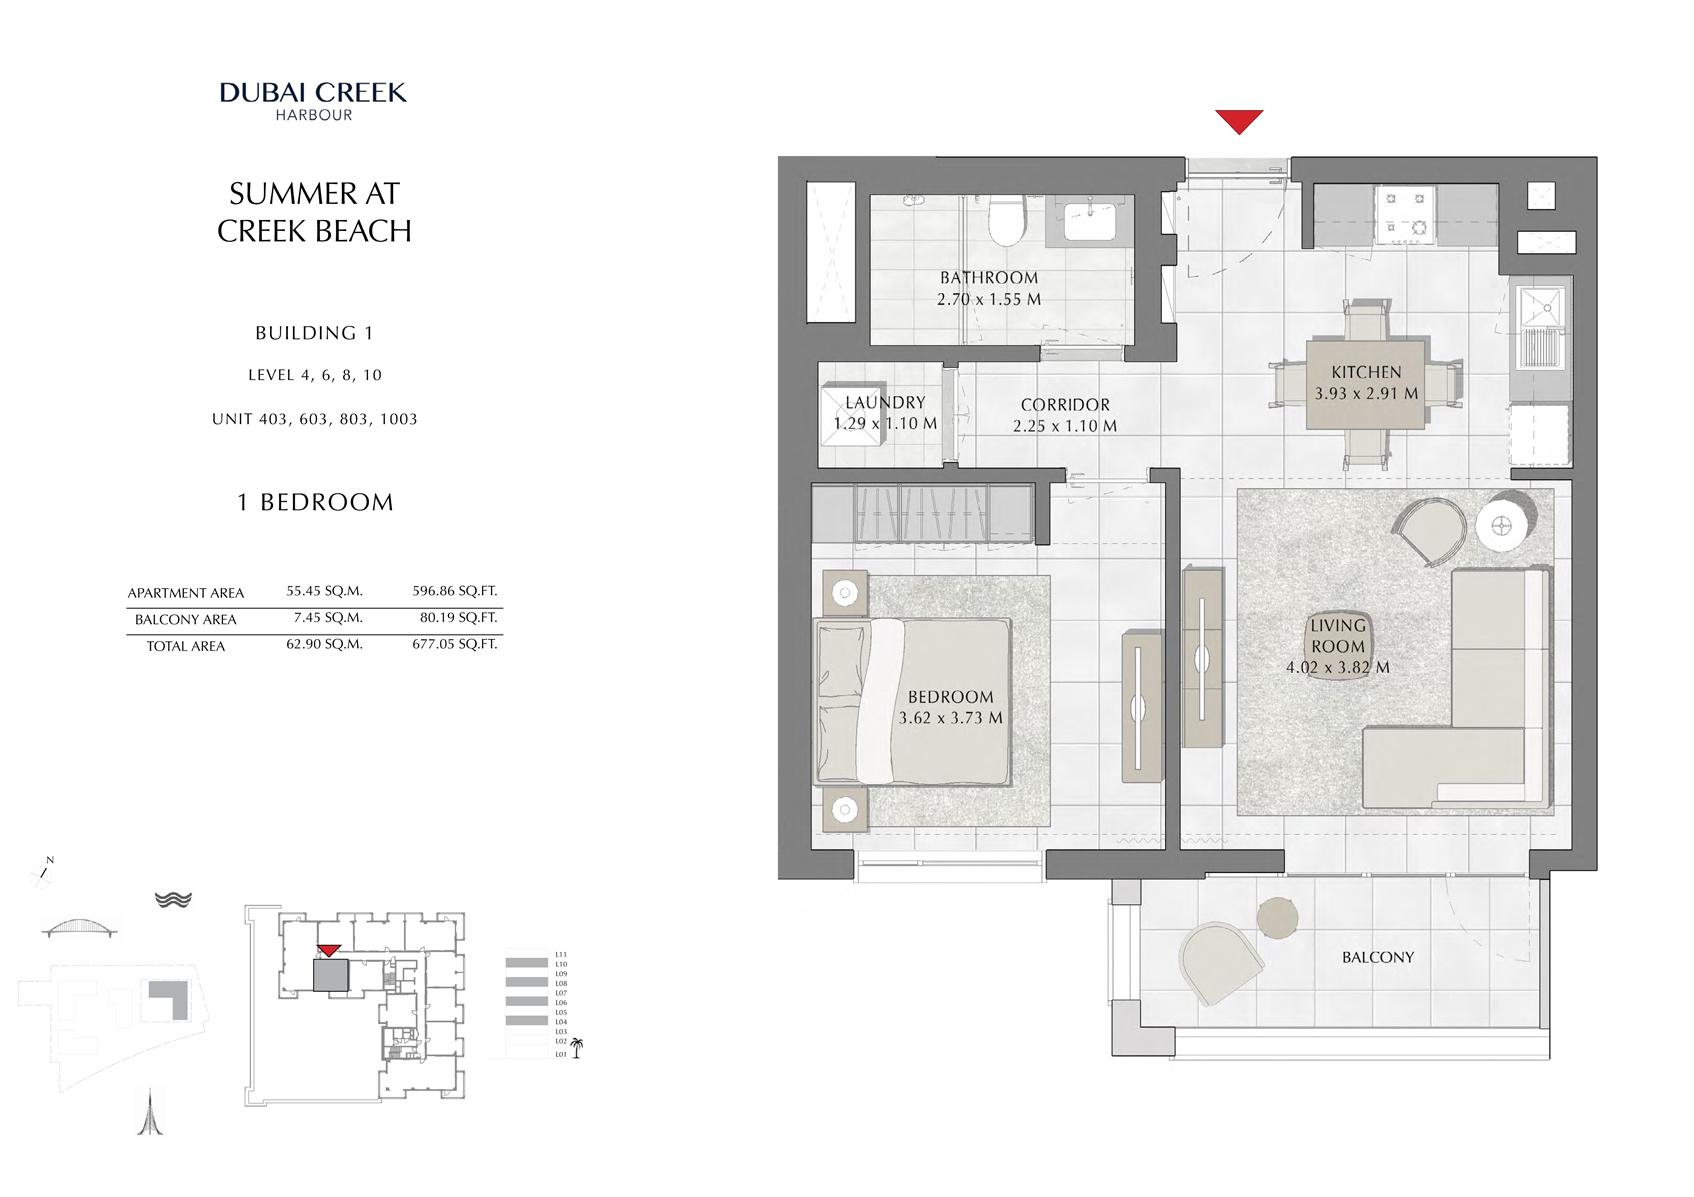 1 Br Building 1 Level-4-6-8-10 Unit 403-603-803-1003, Size 677 Sq Ft